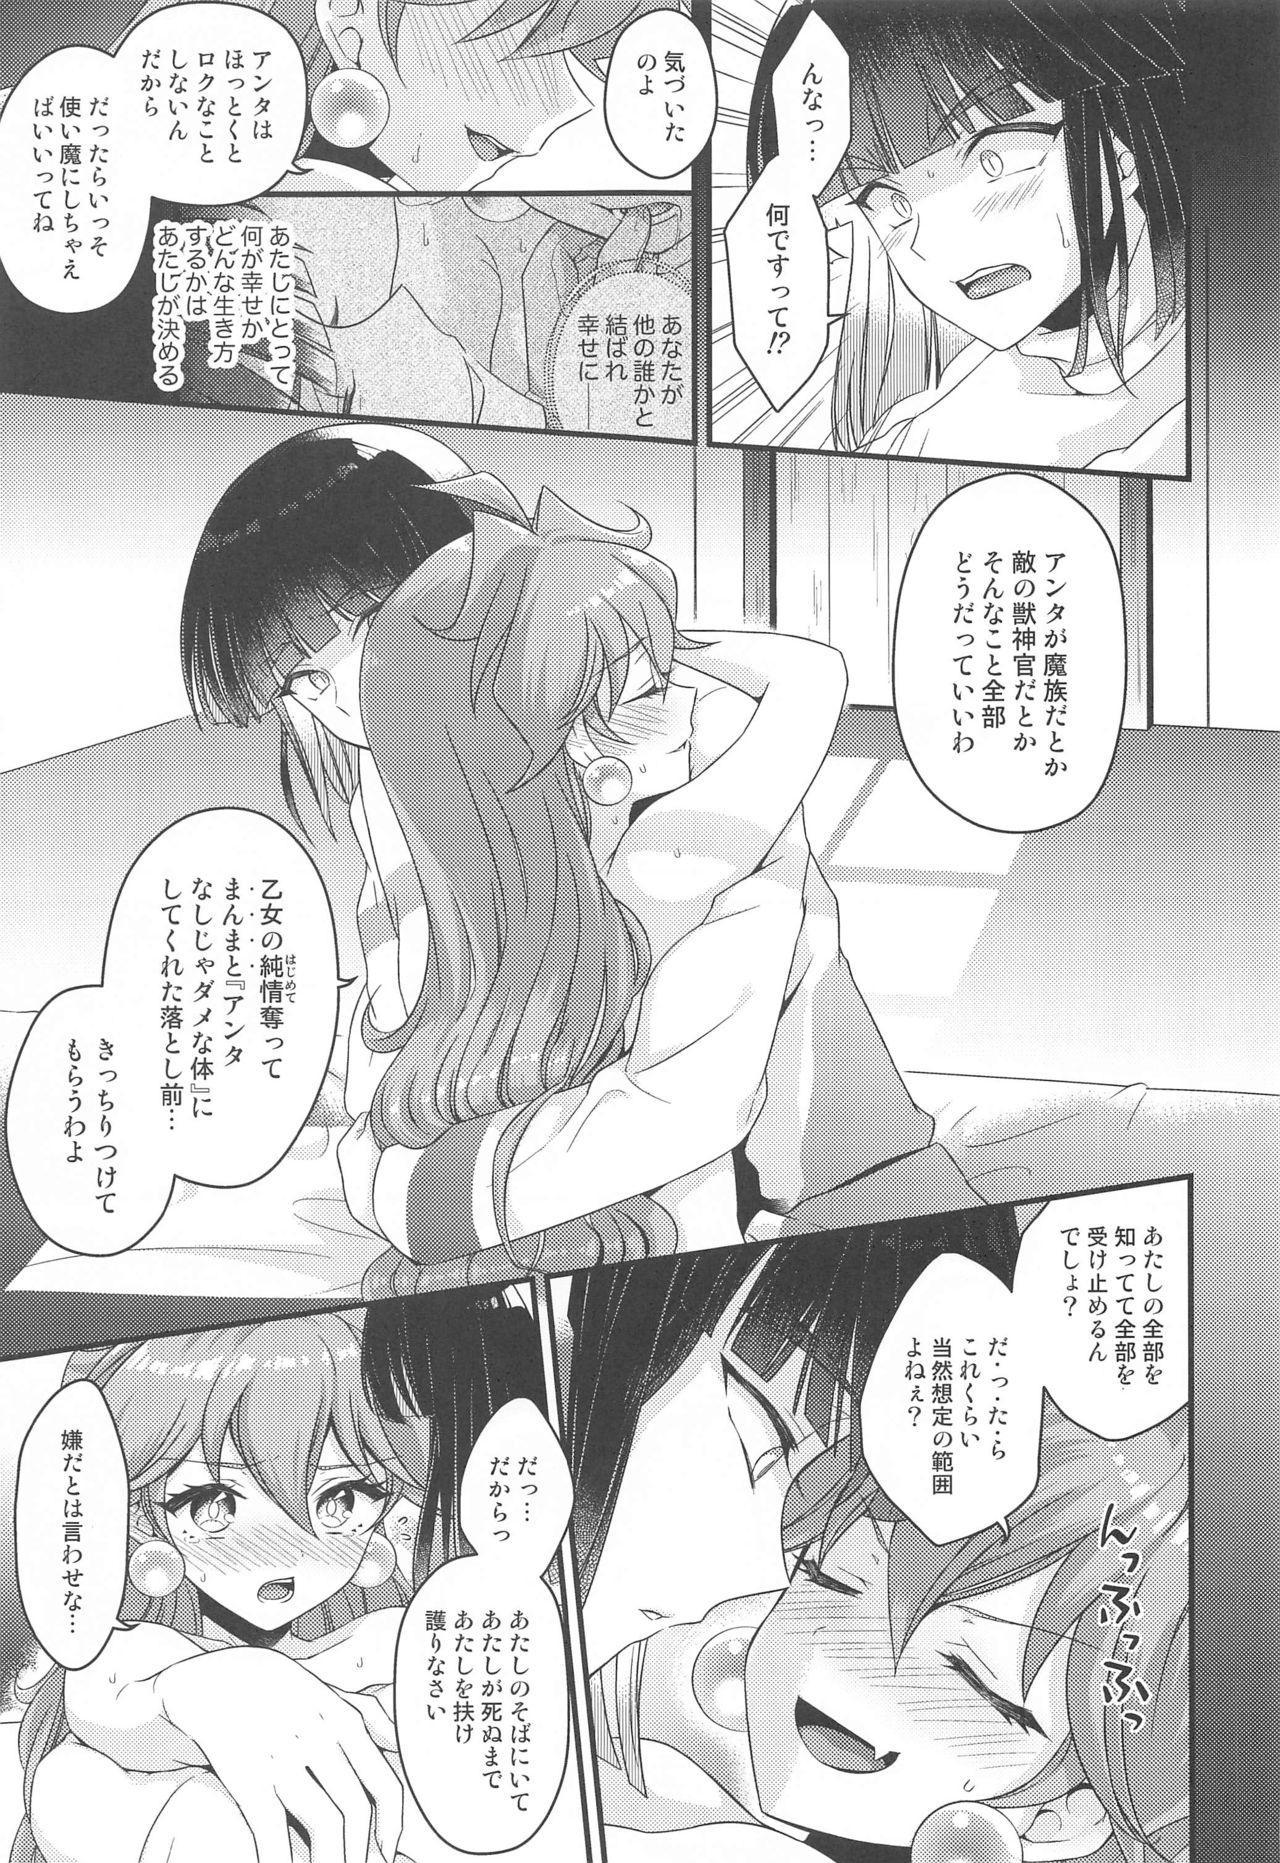 (2021-03 Akihabara Chou Doujinsai) [kozakoza (Kaipan)] Lina wa Xelloss no Are ga Hoshii - (not so) Perfect Love! #5 (Slayers) 27